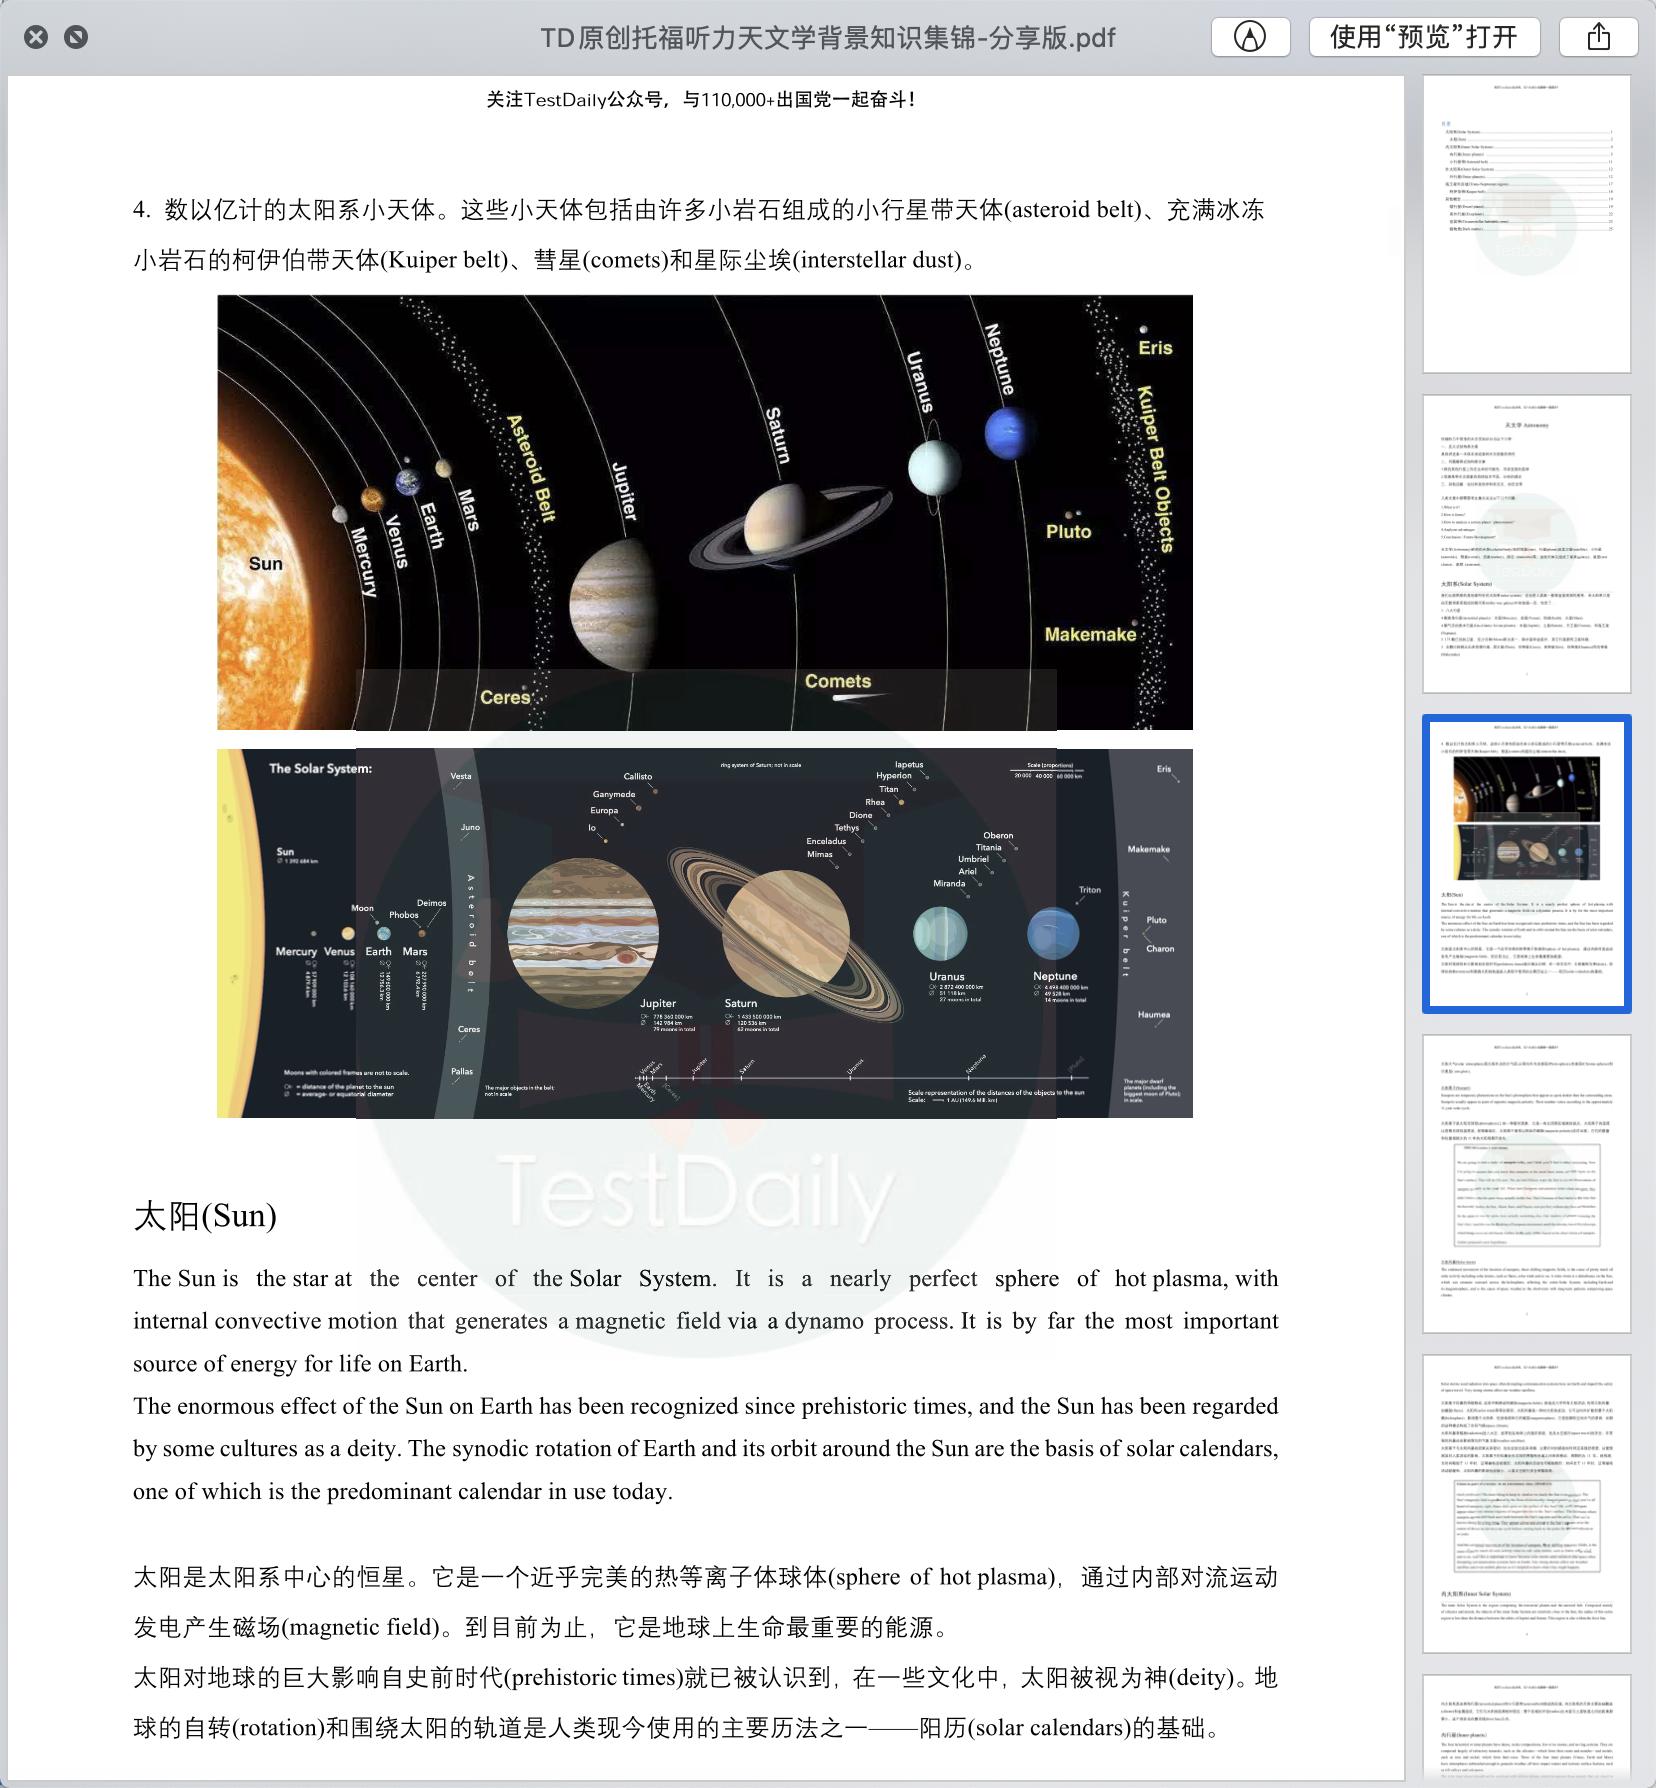 托福听力分类背景知识补充大全-托福听力天文学和艺术史背景知识